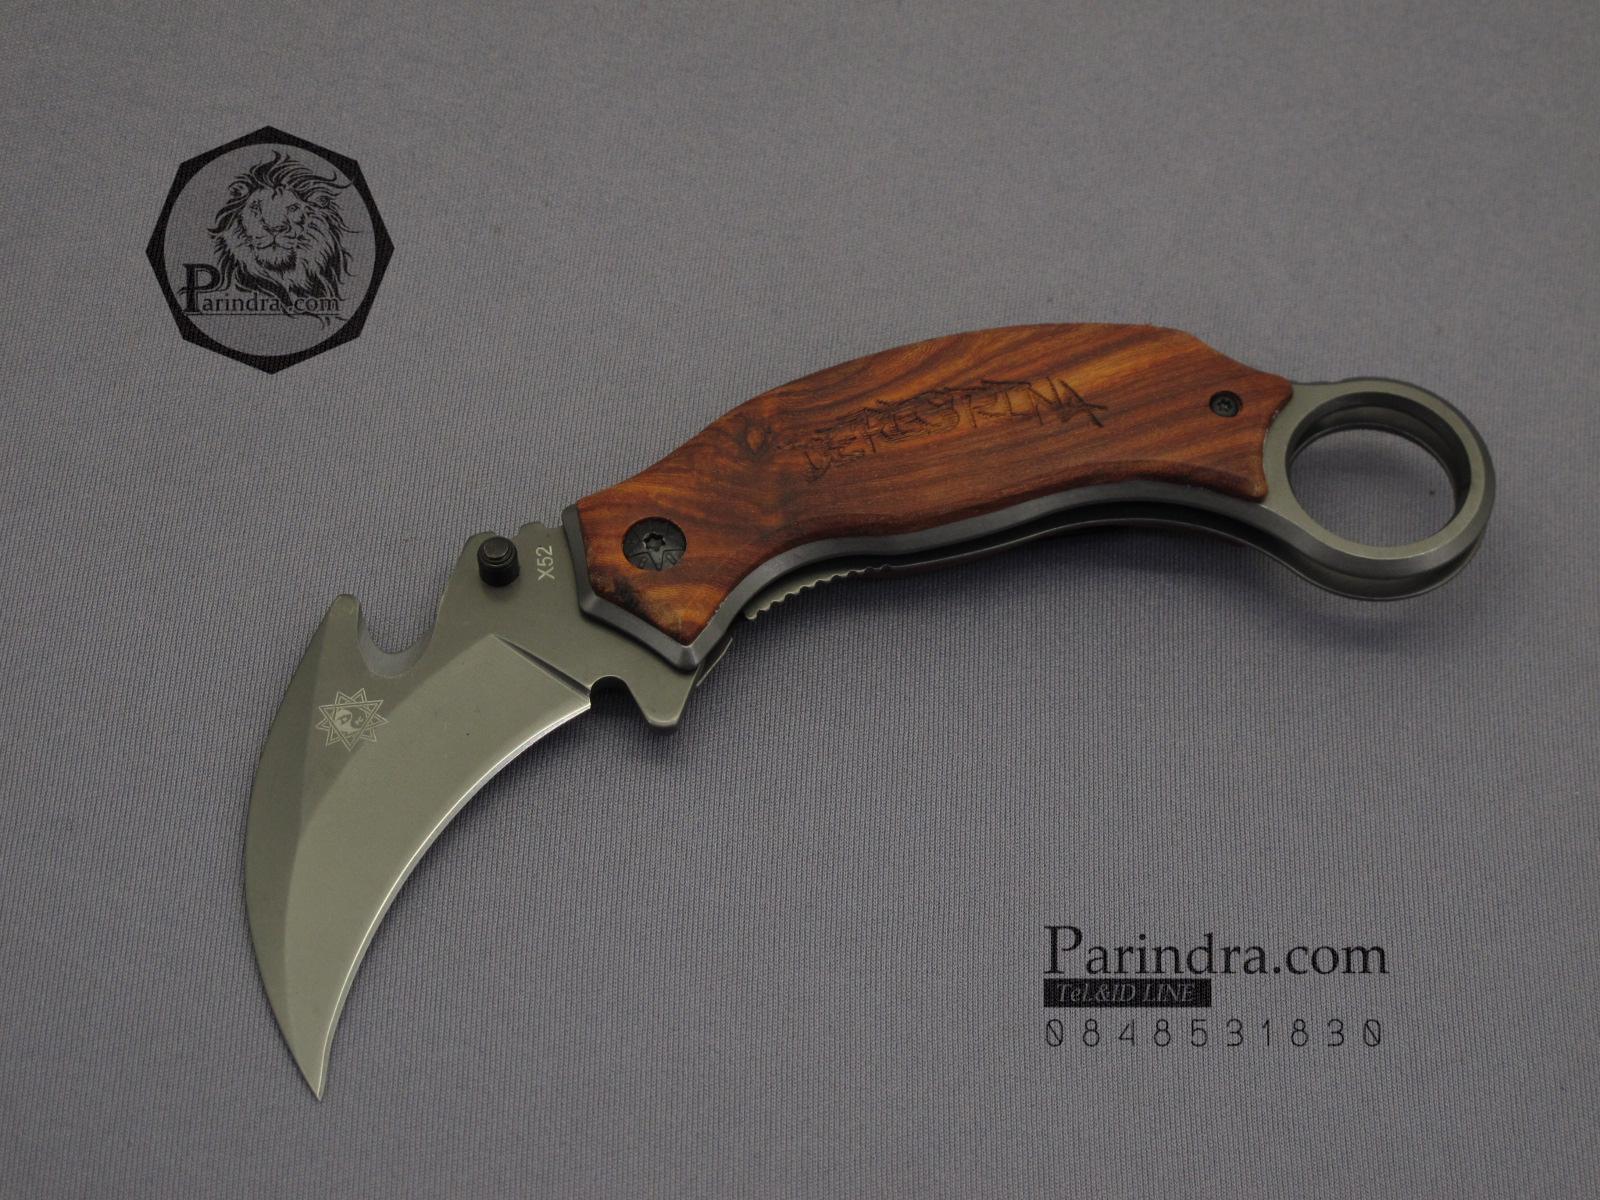 มีดคารัมบิต (Karambit) Tactical Karumbit Deresrina Knife (OEM) ด้ามไม้สีน้ำตาลแดง